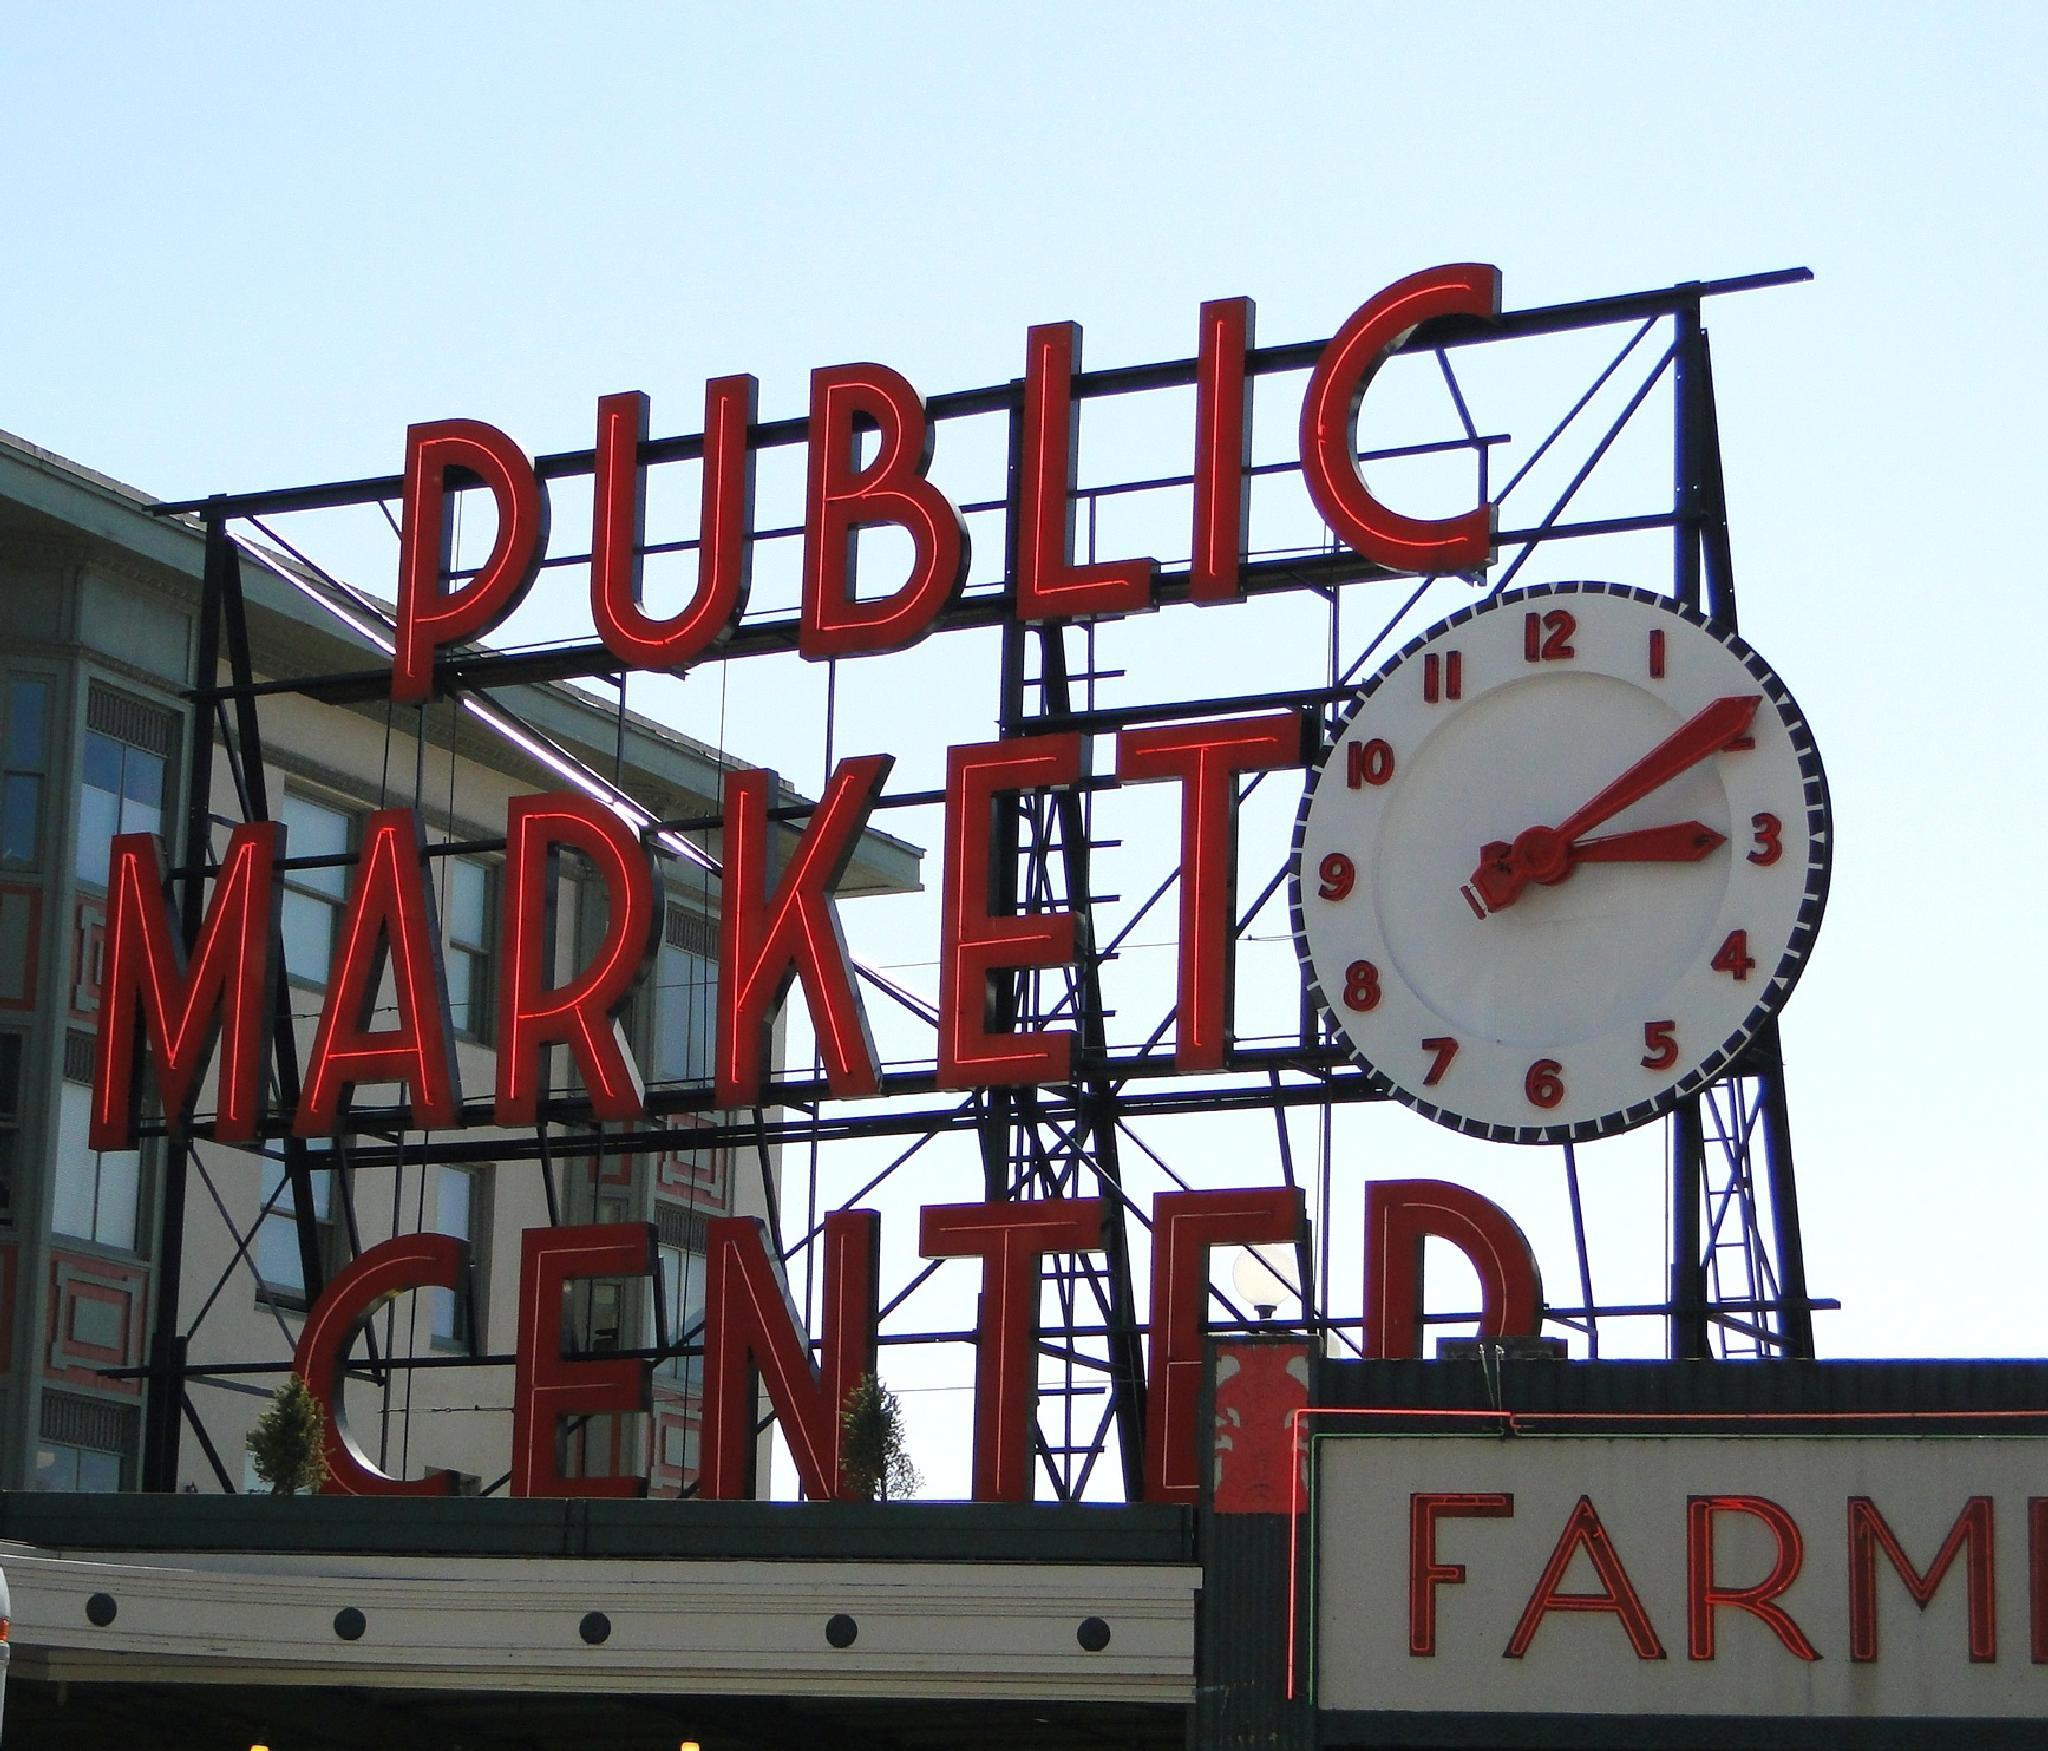 Public Market by shawna.morgan.7